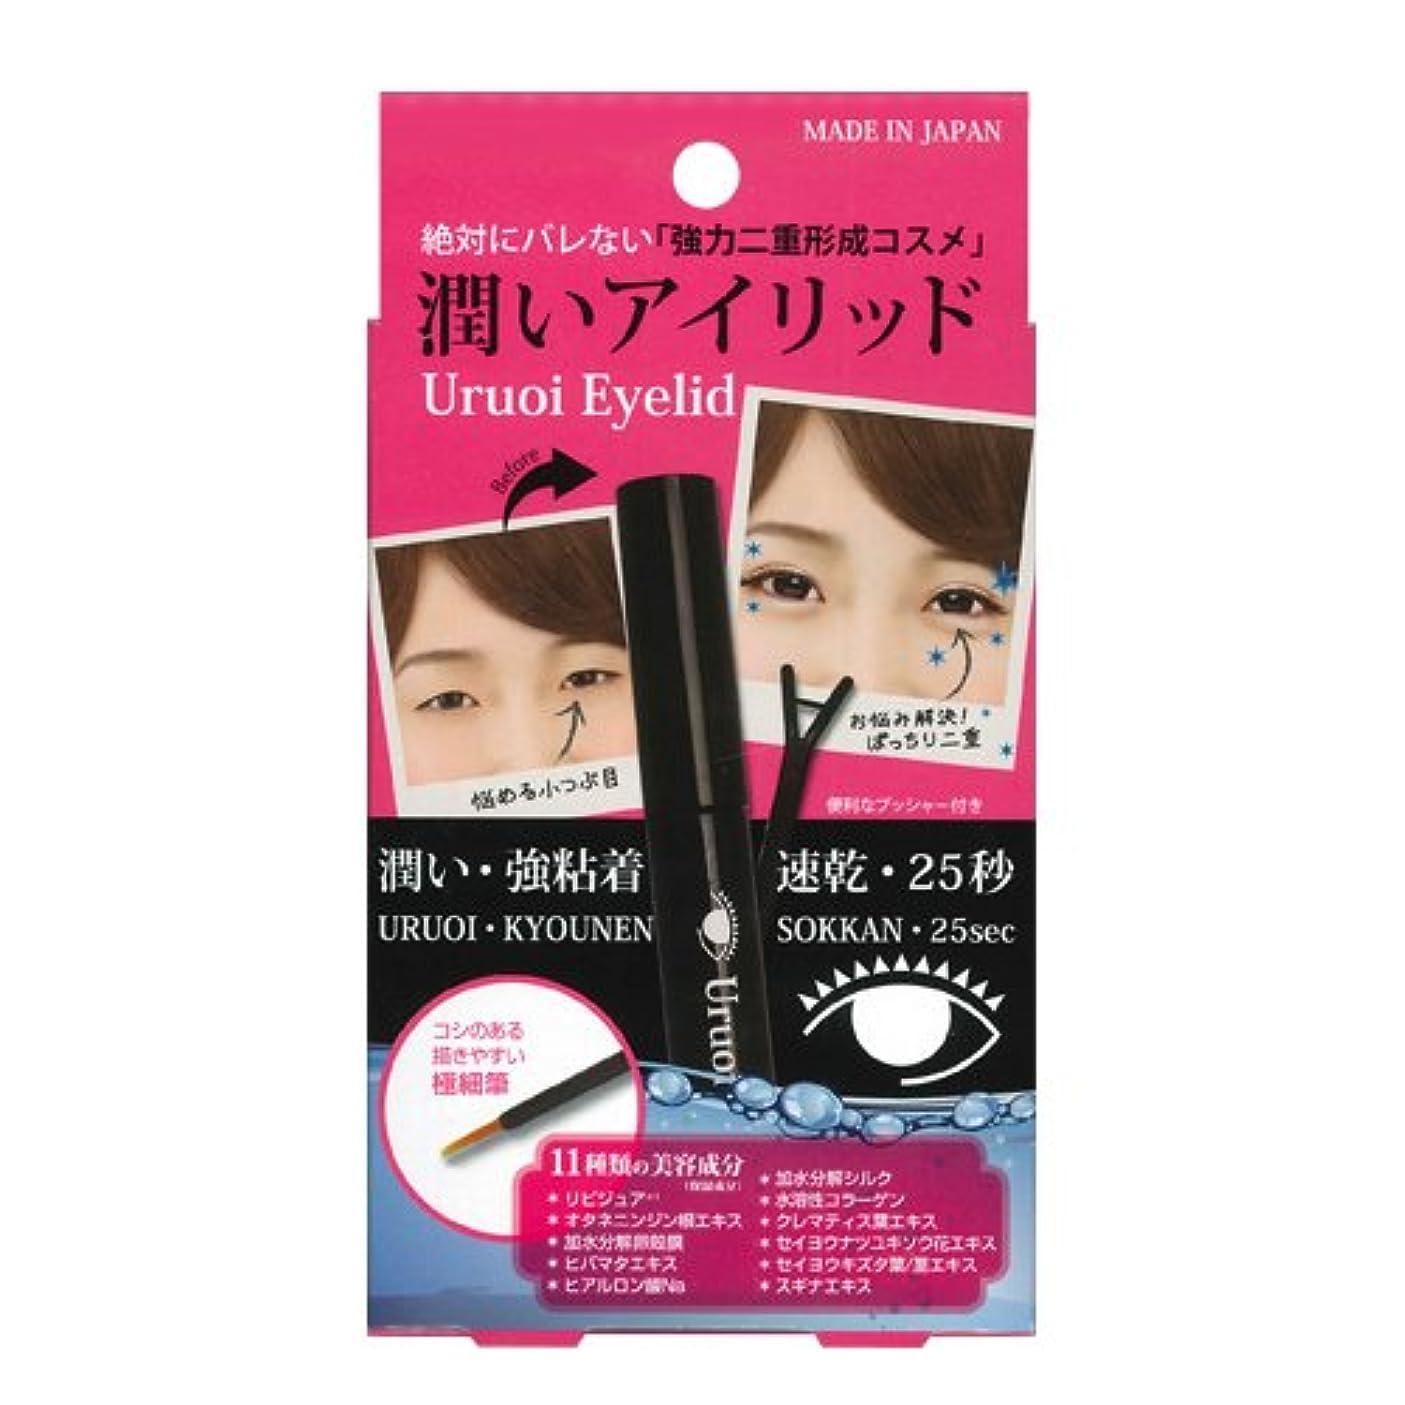 町防水回答二重形成化粧品 潤いアイリッド(Uruoi Eyelid)